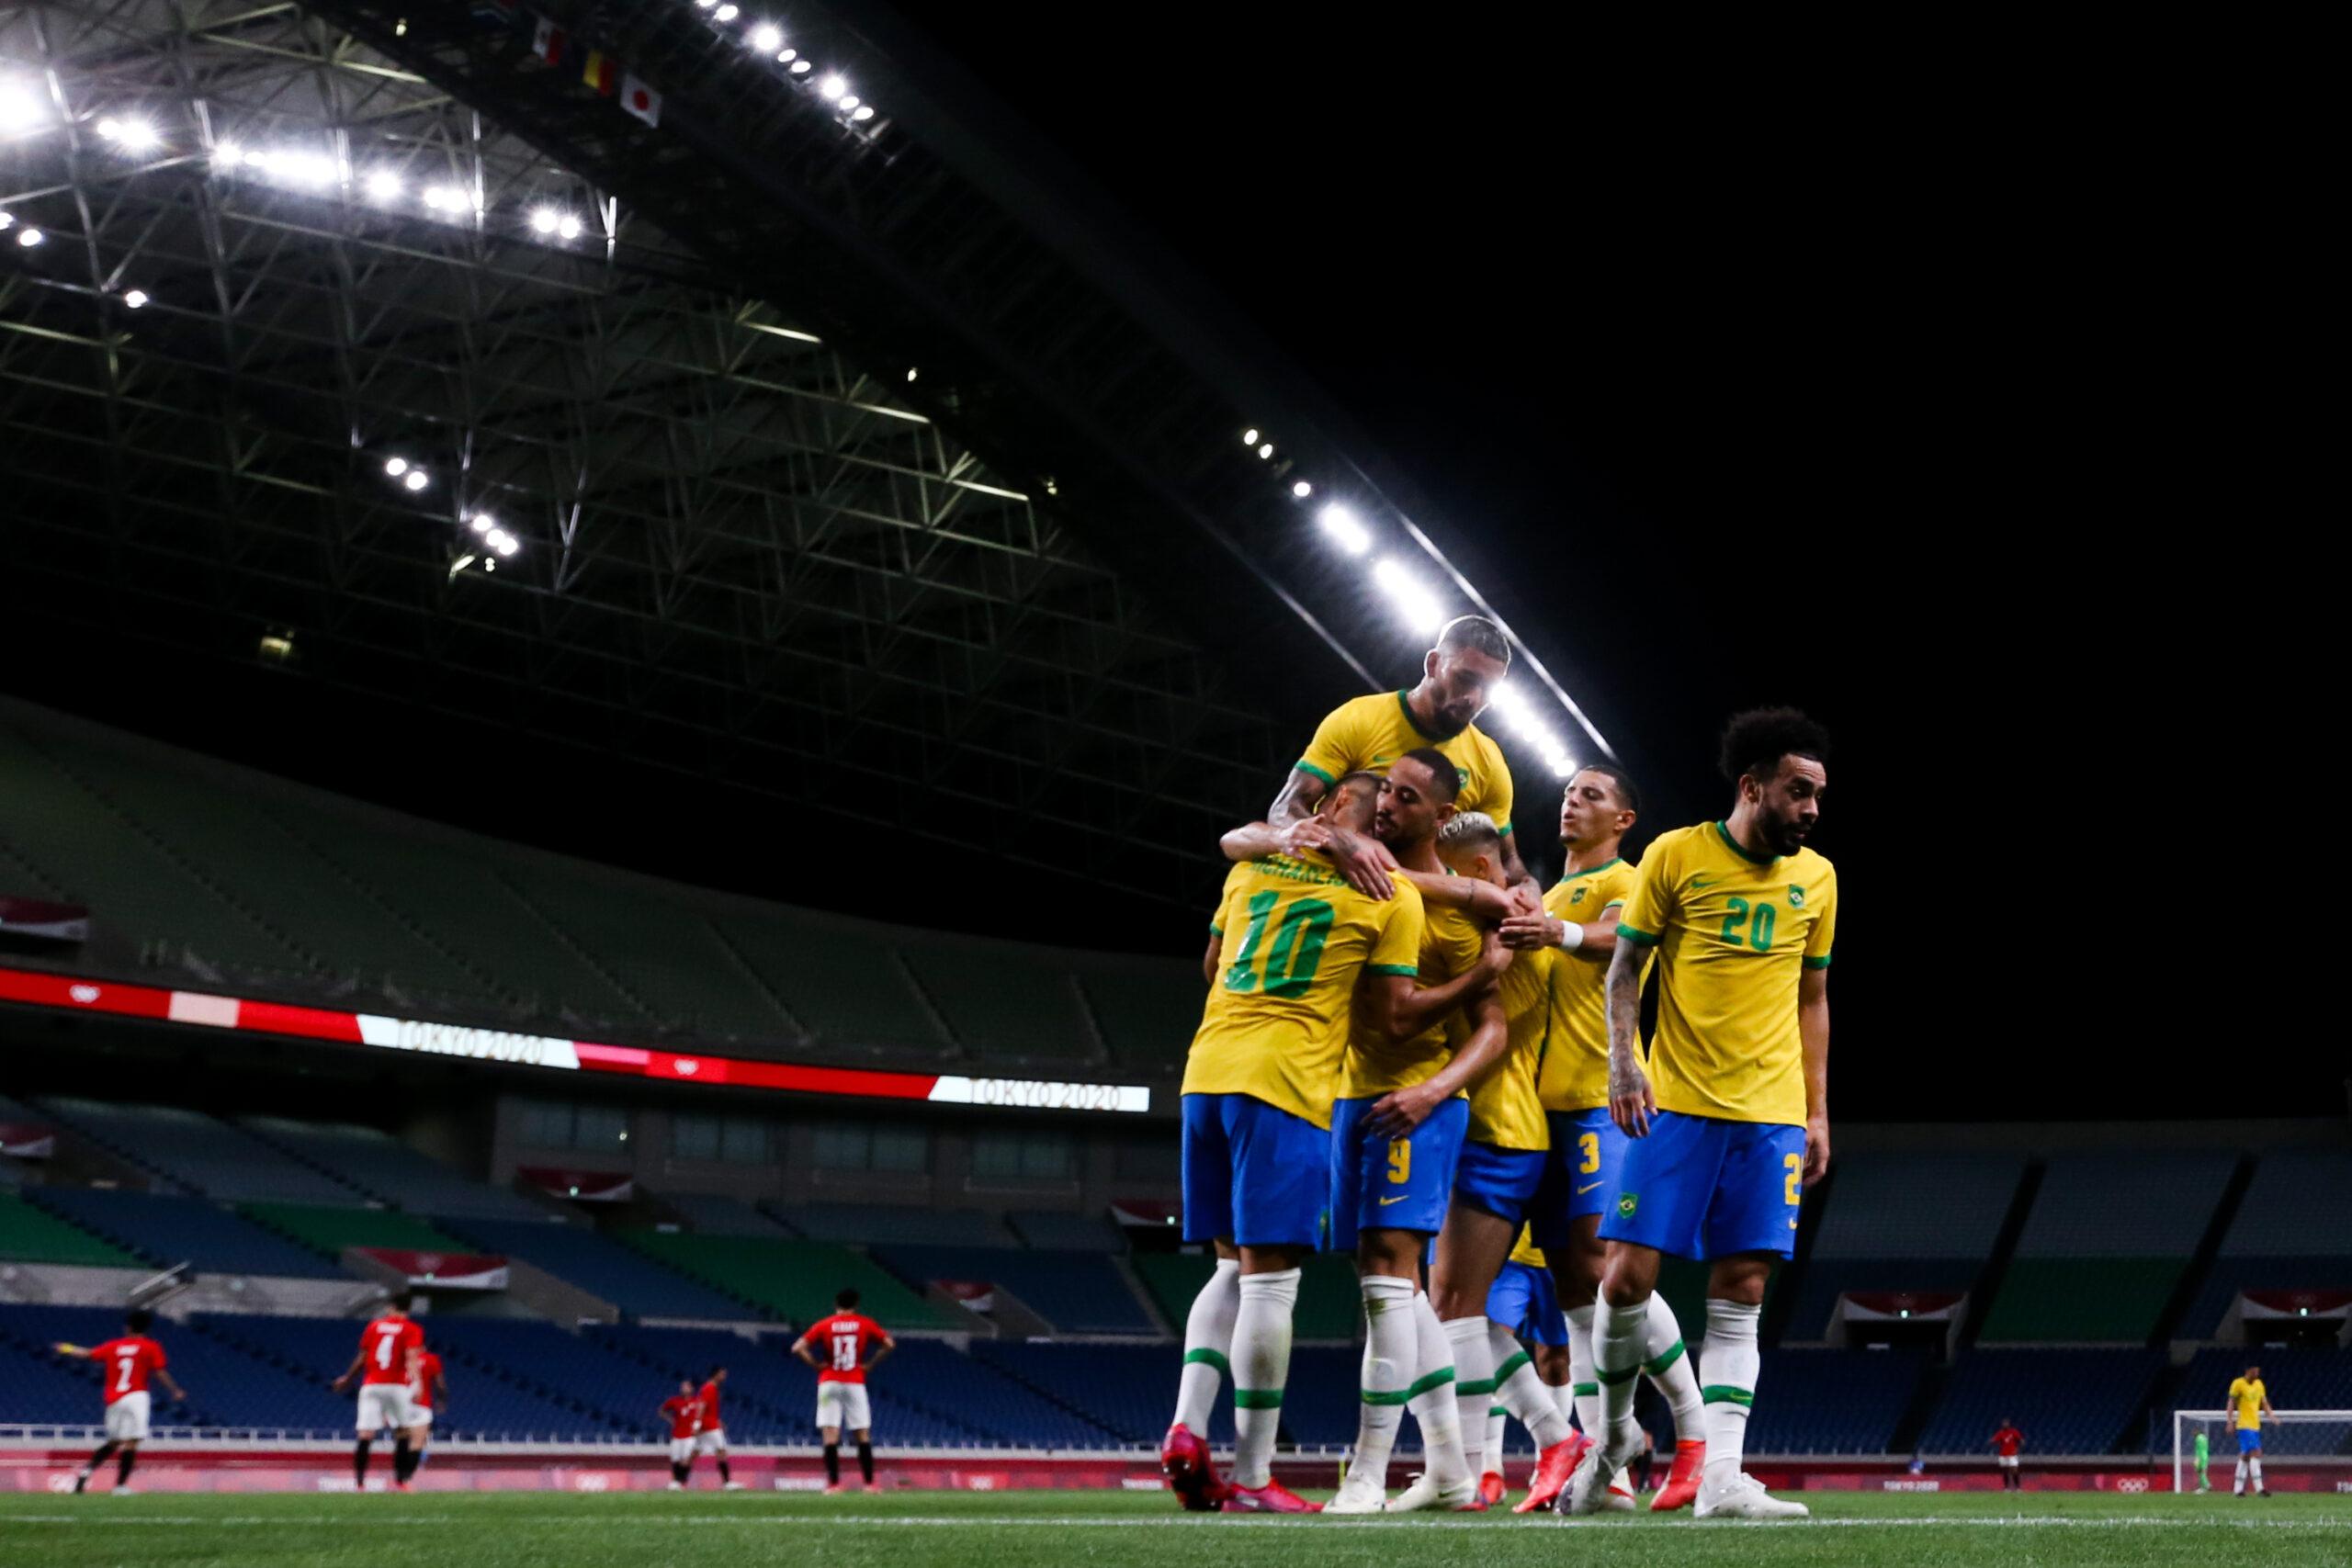 Messico-Brasile: la sconfitta di Londra 2012 brucia, la Selecao cerca vendetta